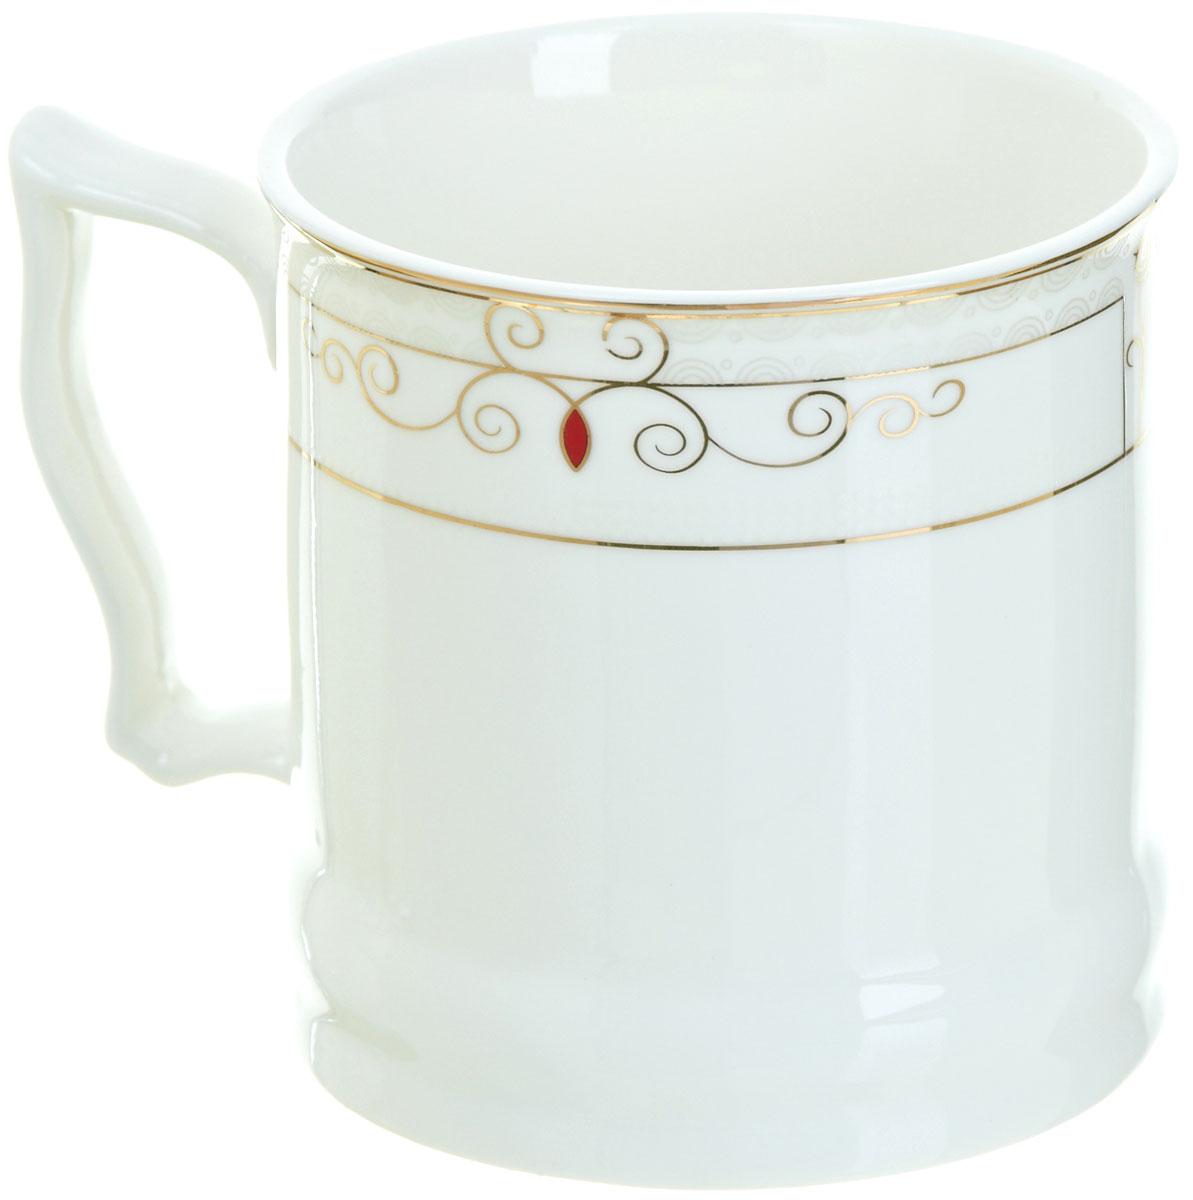 Кружка BHP Королевская кружка, 500 мл. M1870003M1870003Оригинальная кружка Best Home Porcelain, выполненная из высококачественного фарфора, сочетает в себе простой, утонченный дизайн с максимальной функциональностью. Оригинальность оформления придутся по вкусу тем, кто ценит индивидуальность. В комплект входит кружка. Можно использовать в ПММ.